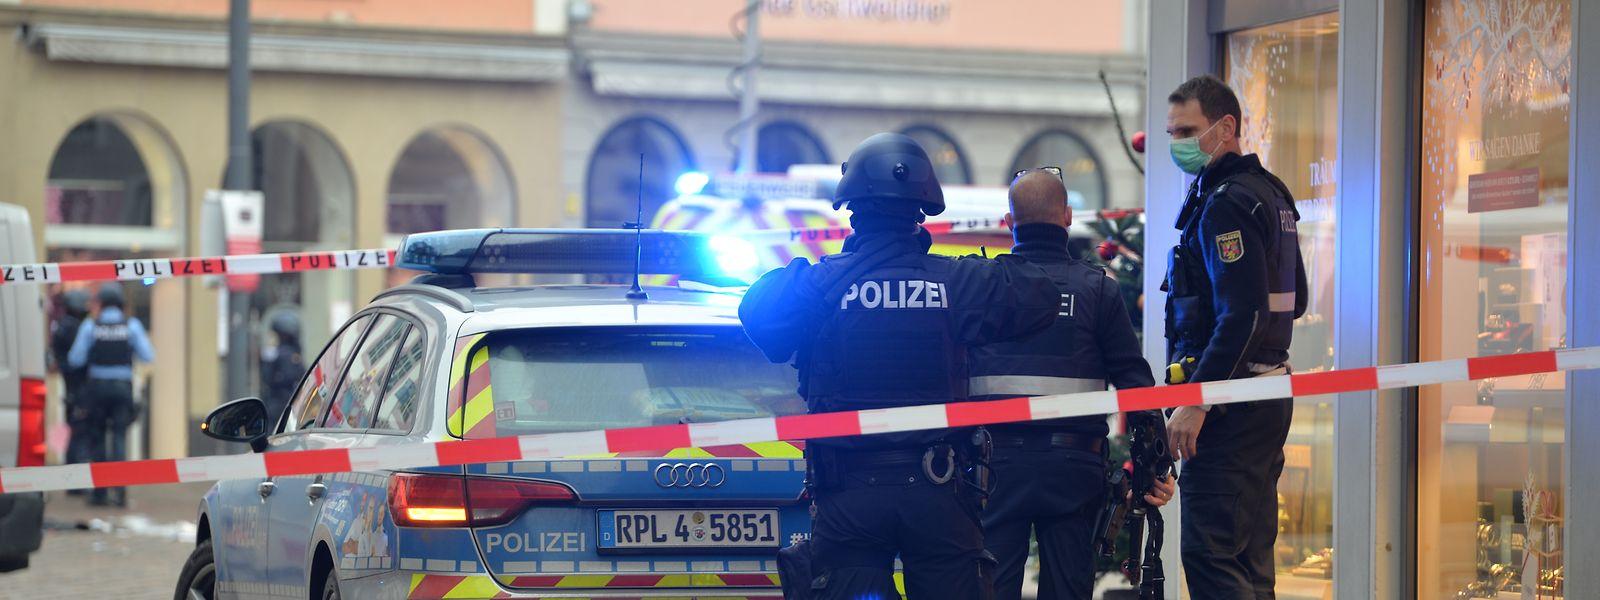 Die Polizei konnte den mutmaßlichen Täter direkt nach der Tat festnehmen. Wie es weiter geht ist Sache der Staatsanwaltschaft - und eines psychiatrischen Gutachtens.